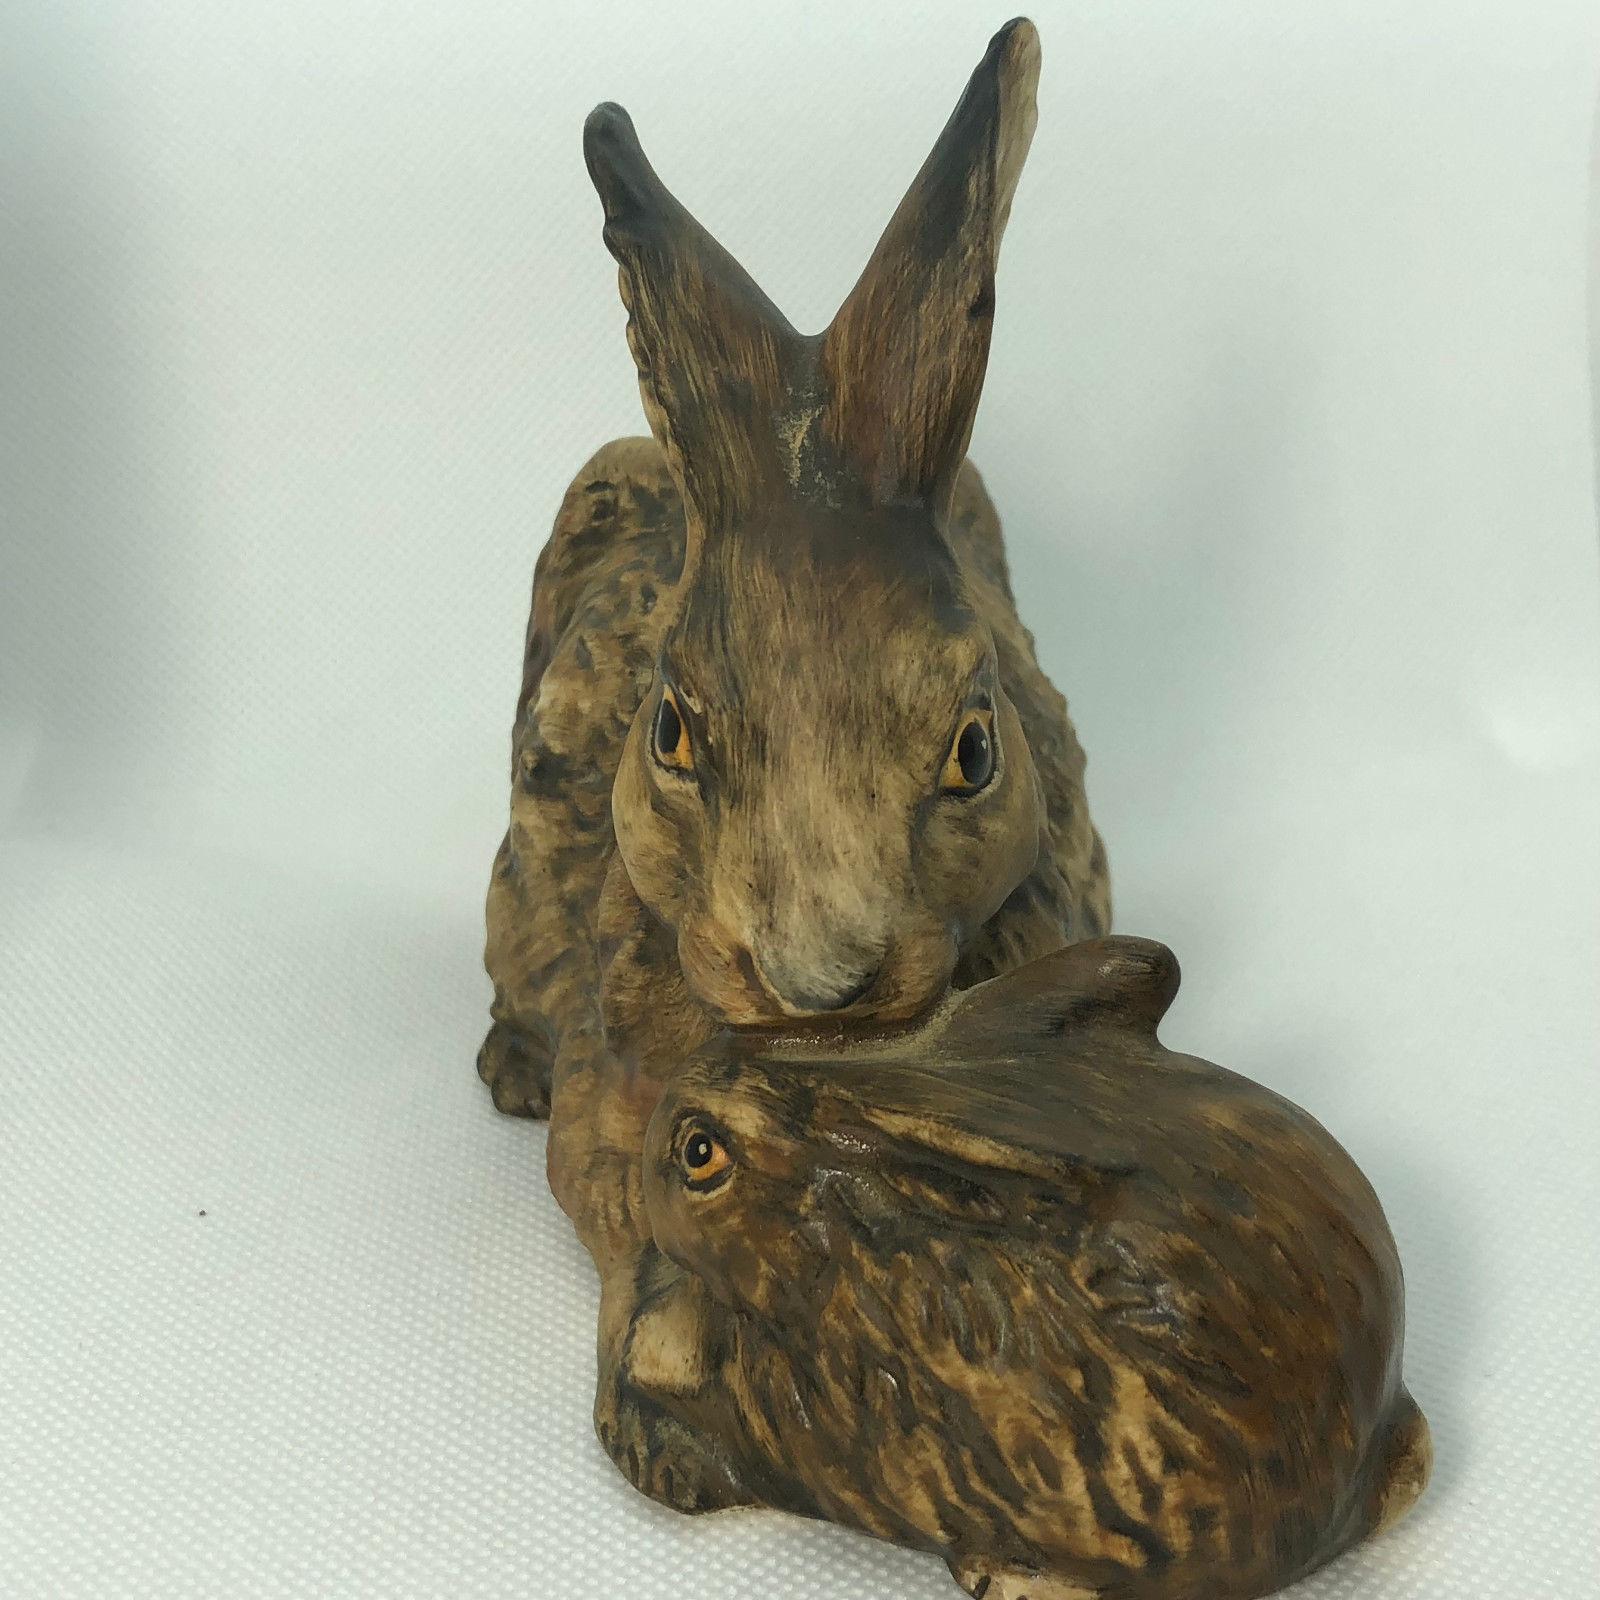 1975 GOEBEL BUNNY RABBIT FIGURINE brown mother baby 34301-1 W Germany sculpture